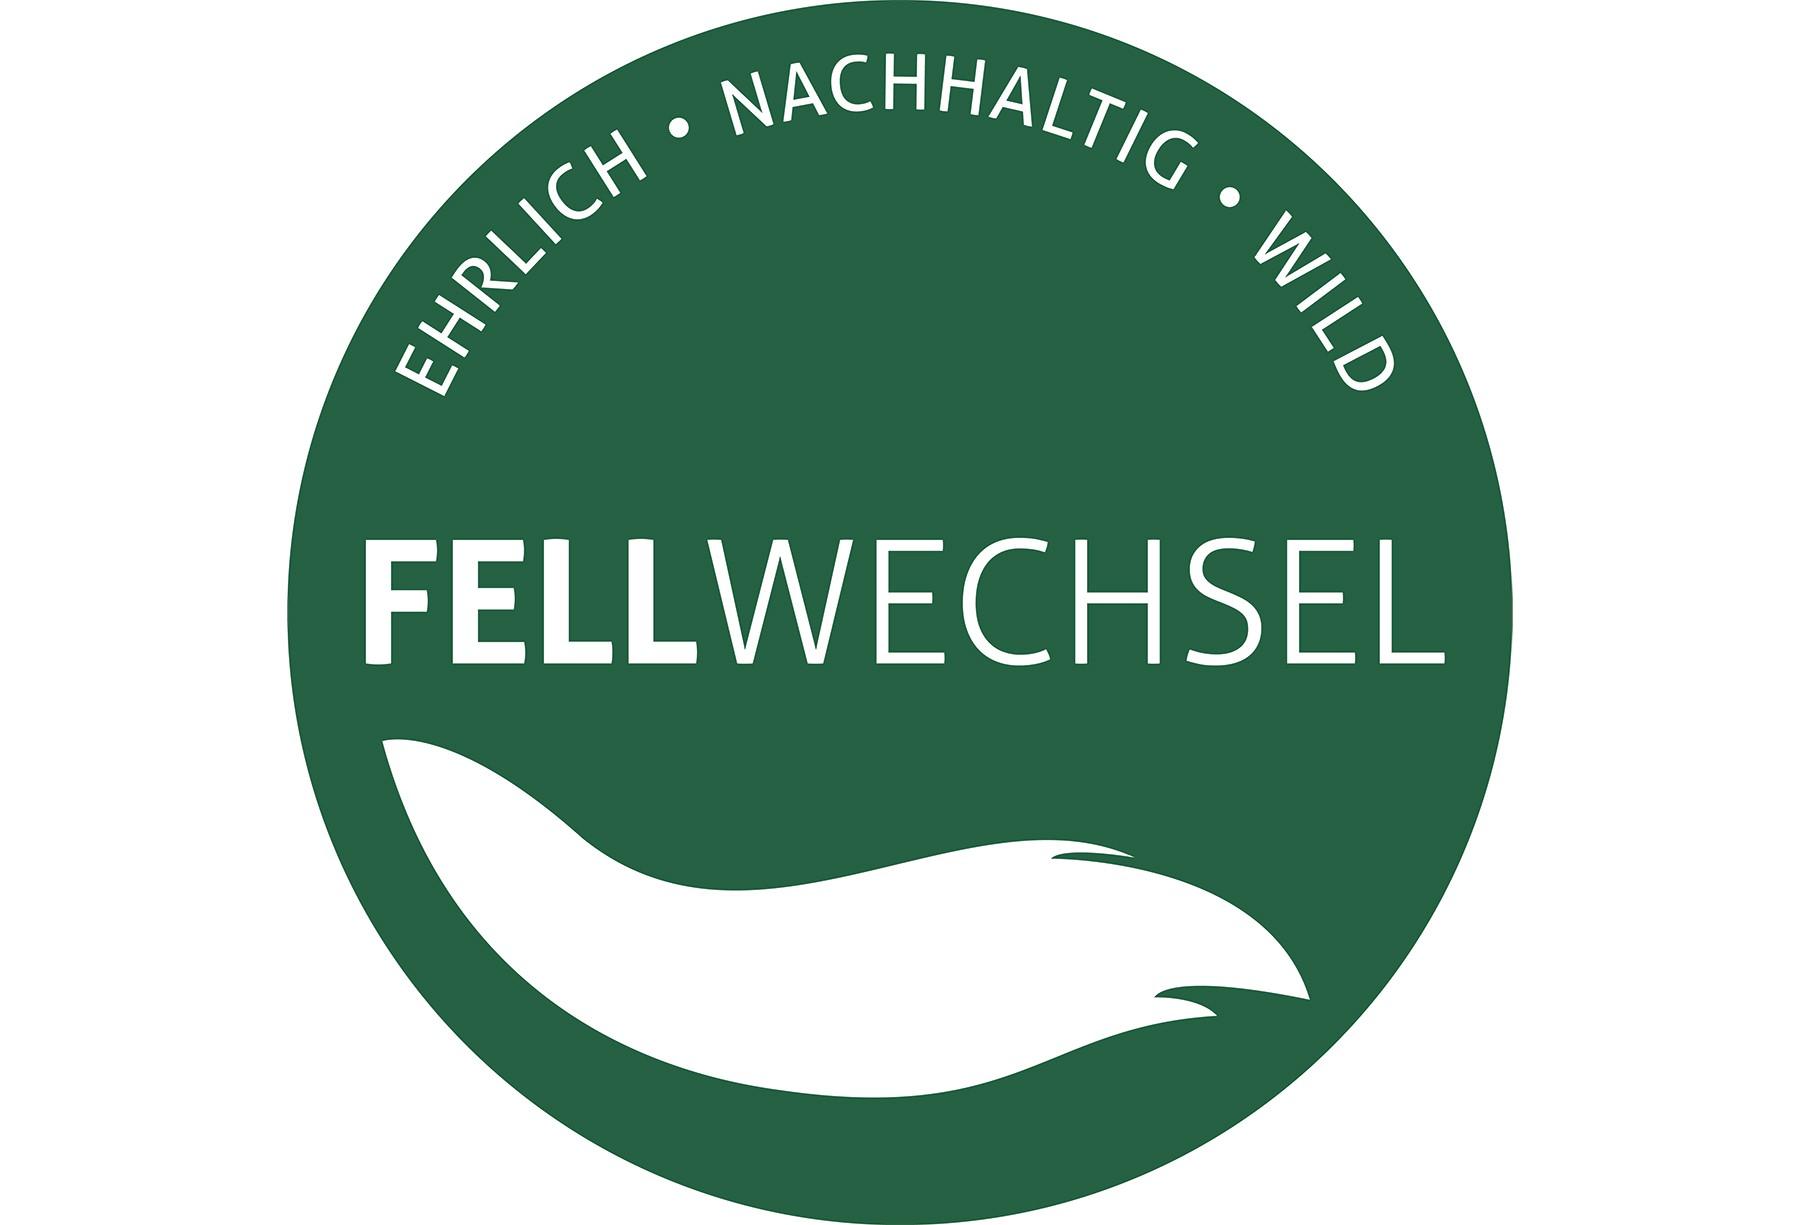 Das Logo der Fellwechsel GmbH